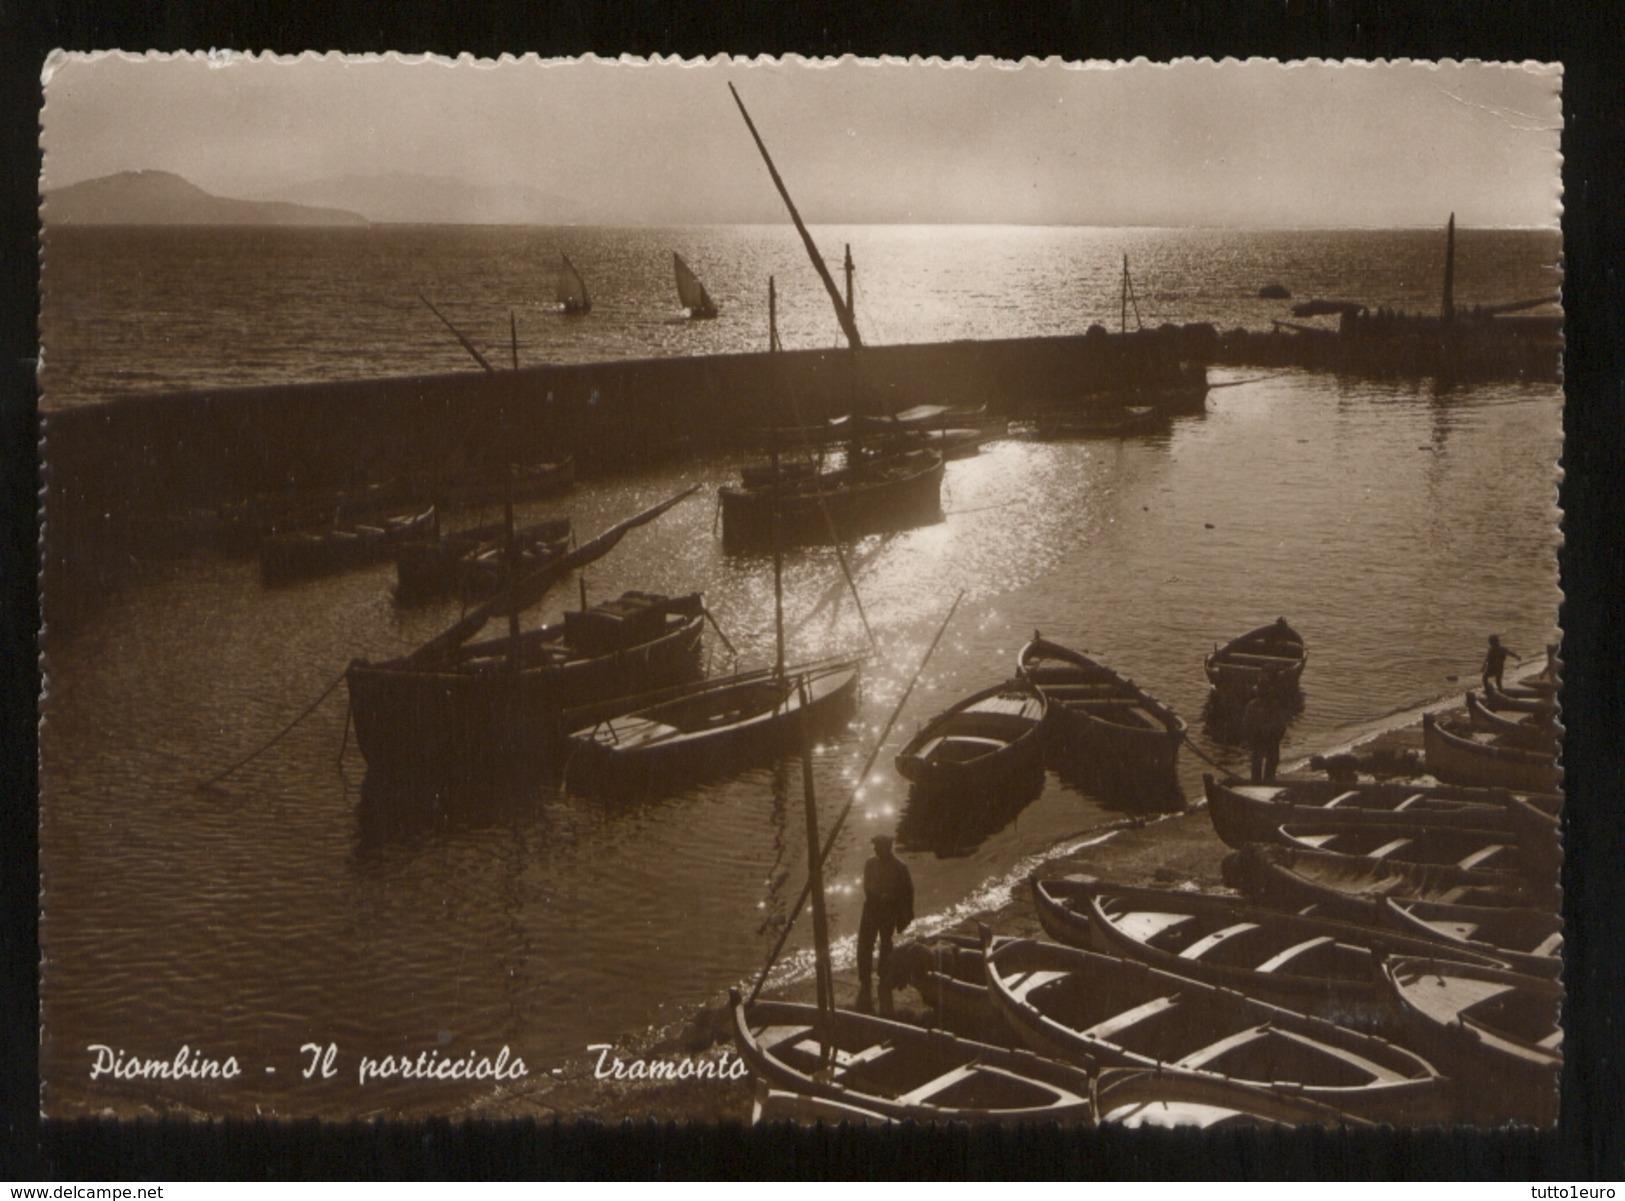 PIOMBINO - LIVORNO - 1947 - IL PORTICCIOLO CON BARCHE - Livorno